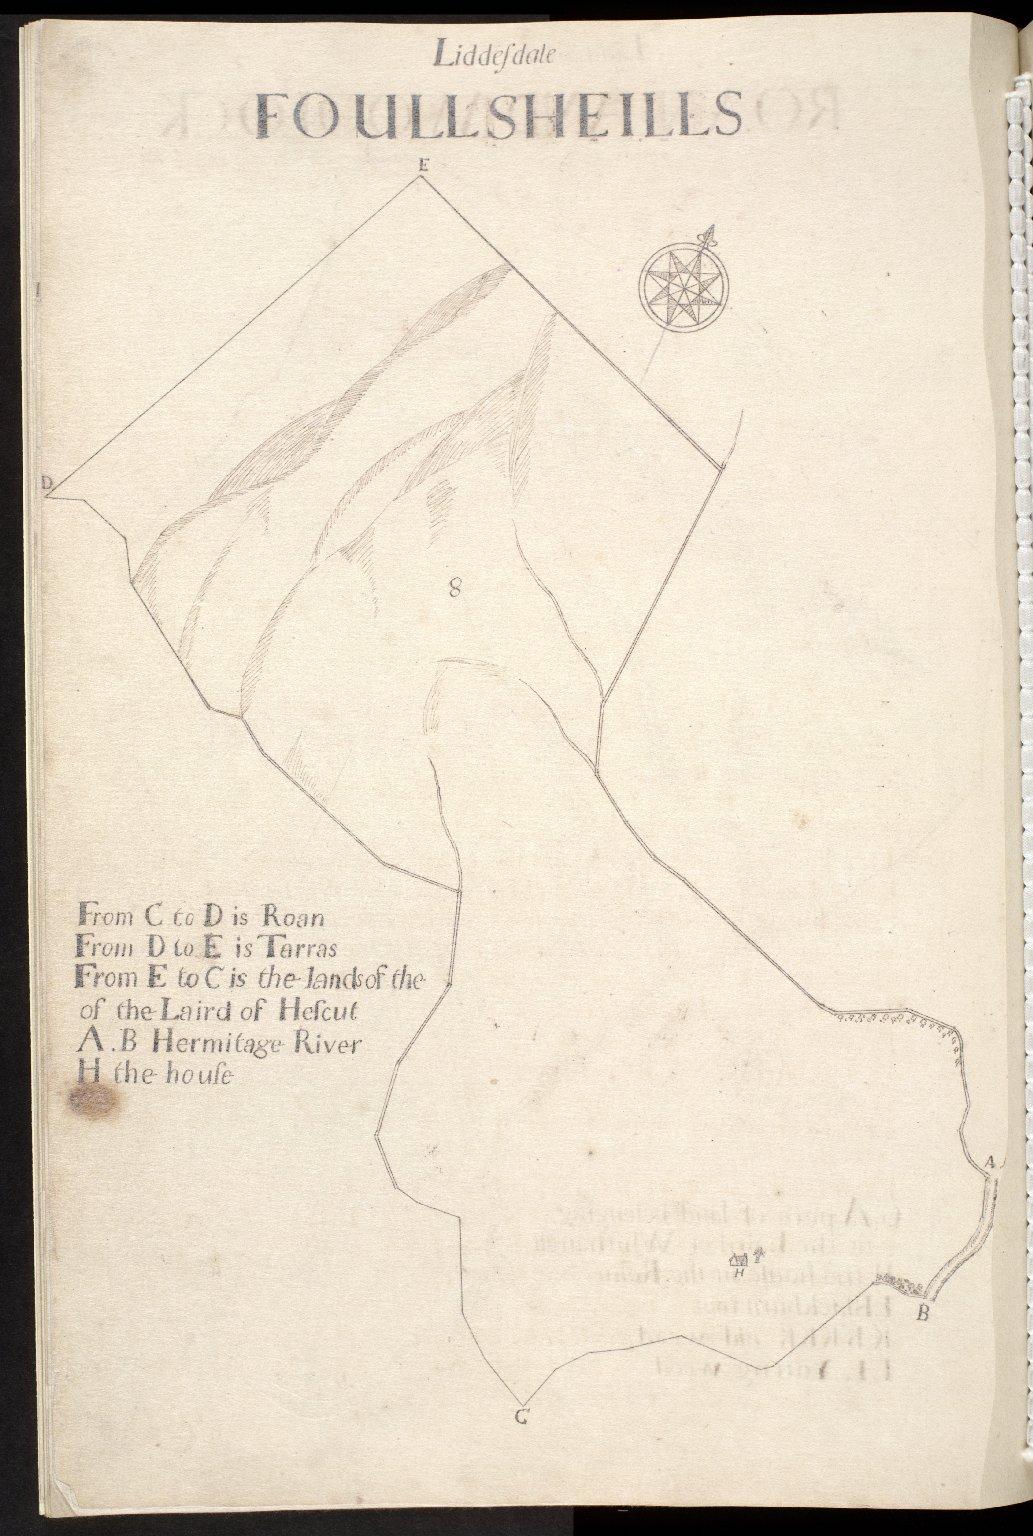 Liddesdale : Foullsheills [1 of 1]